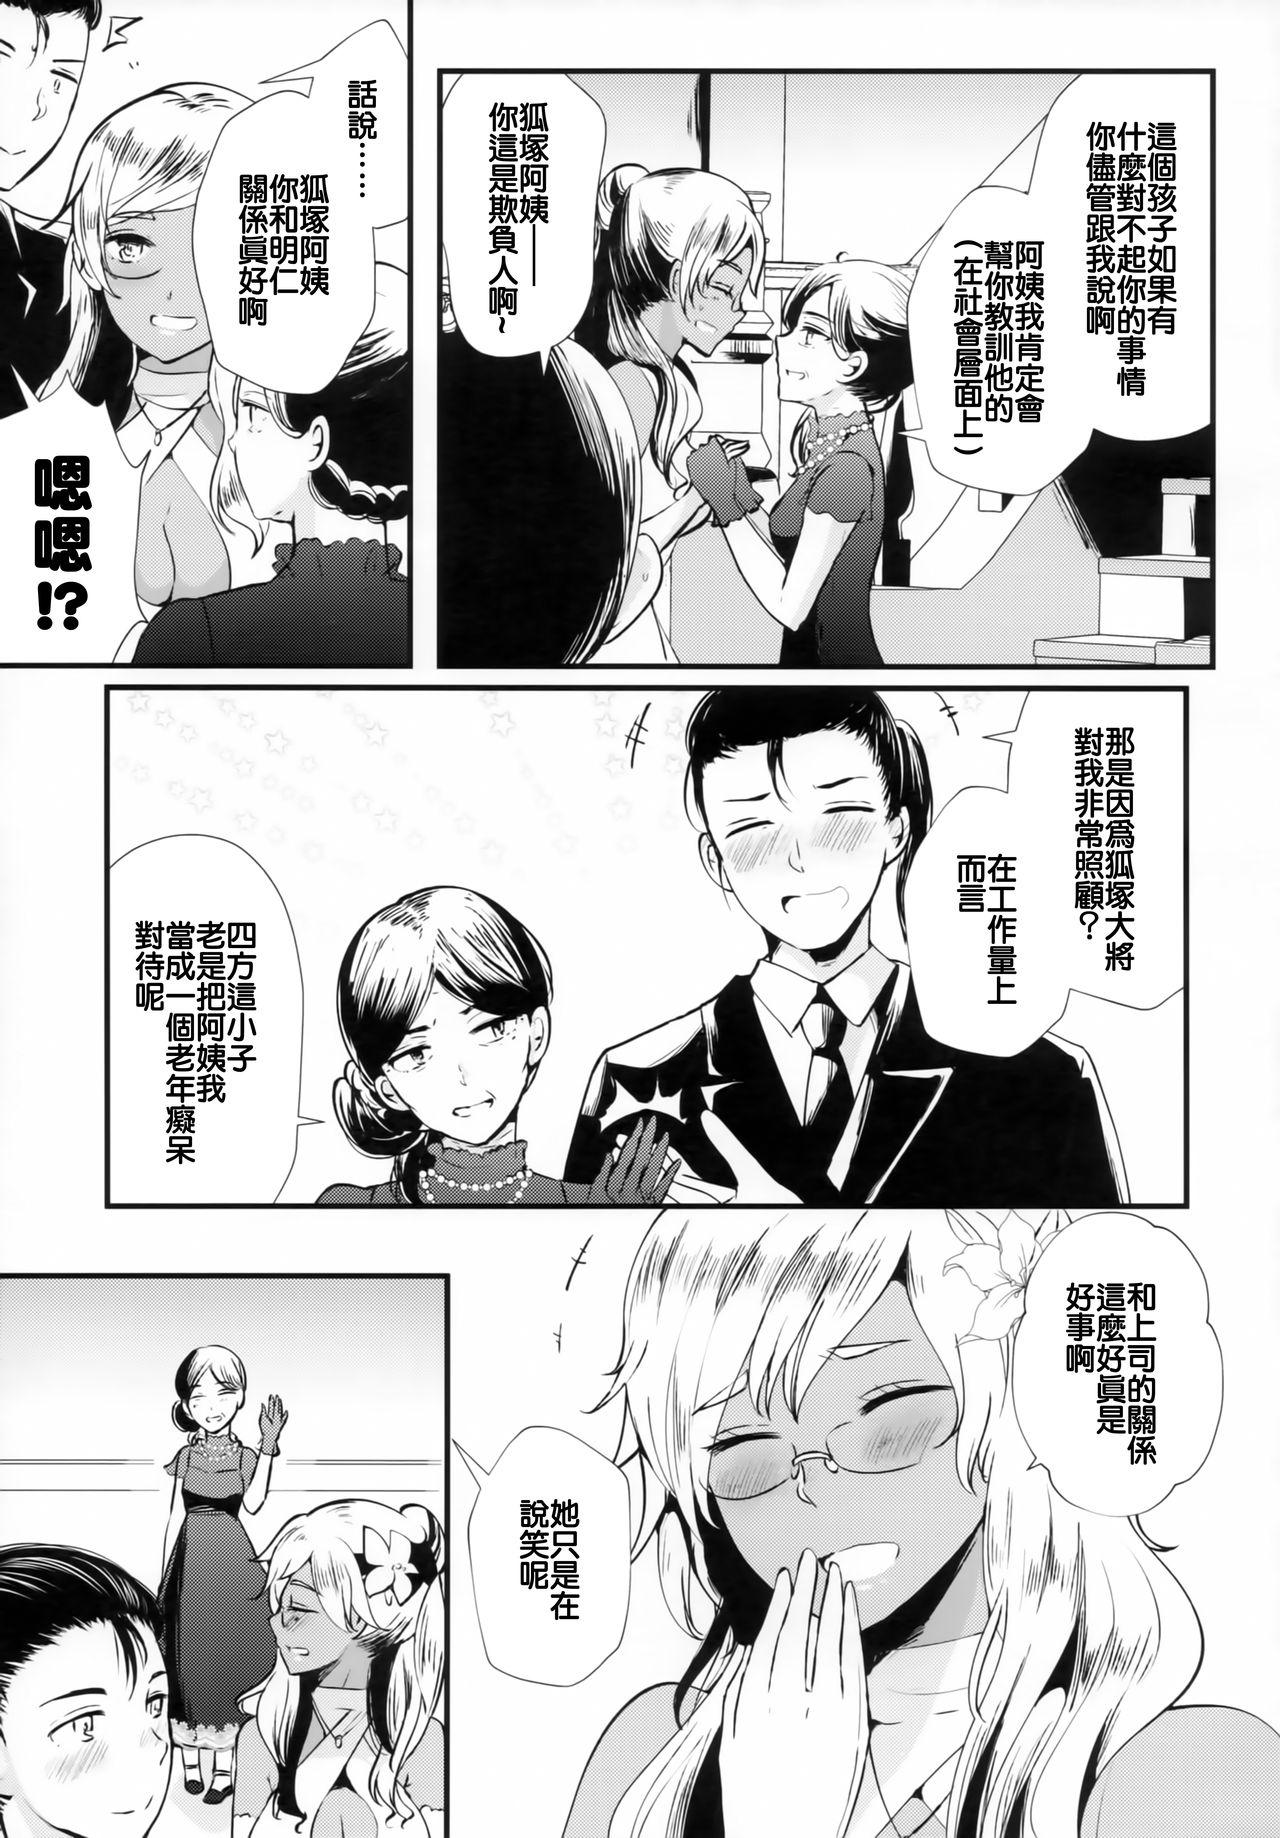 Last Dance wa Teitoku to 6